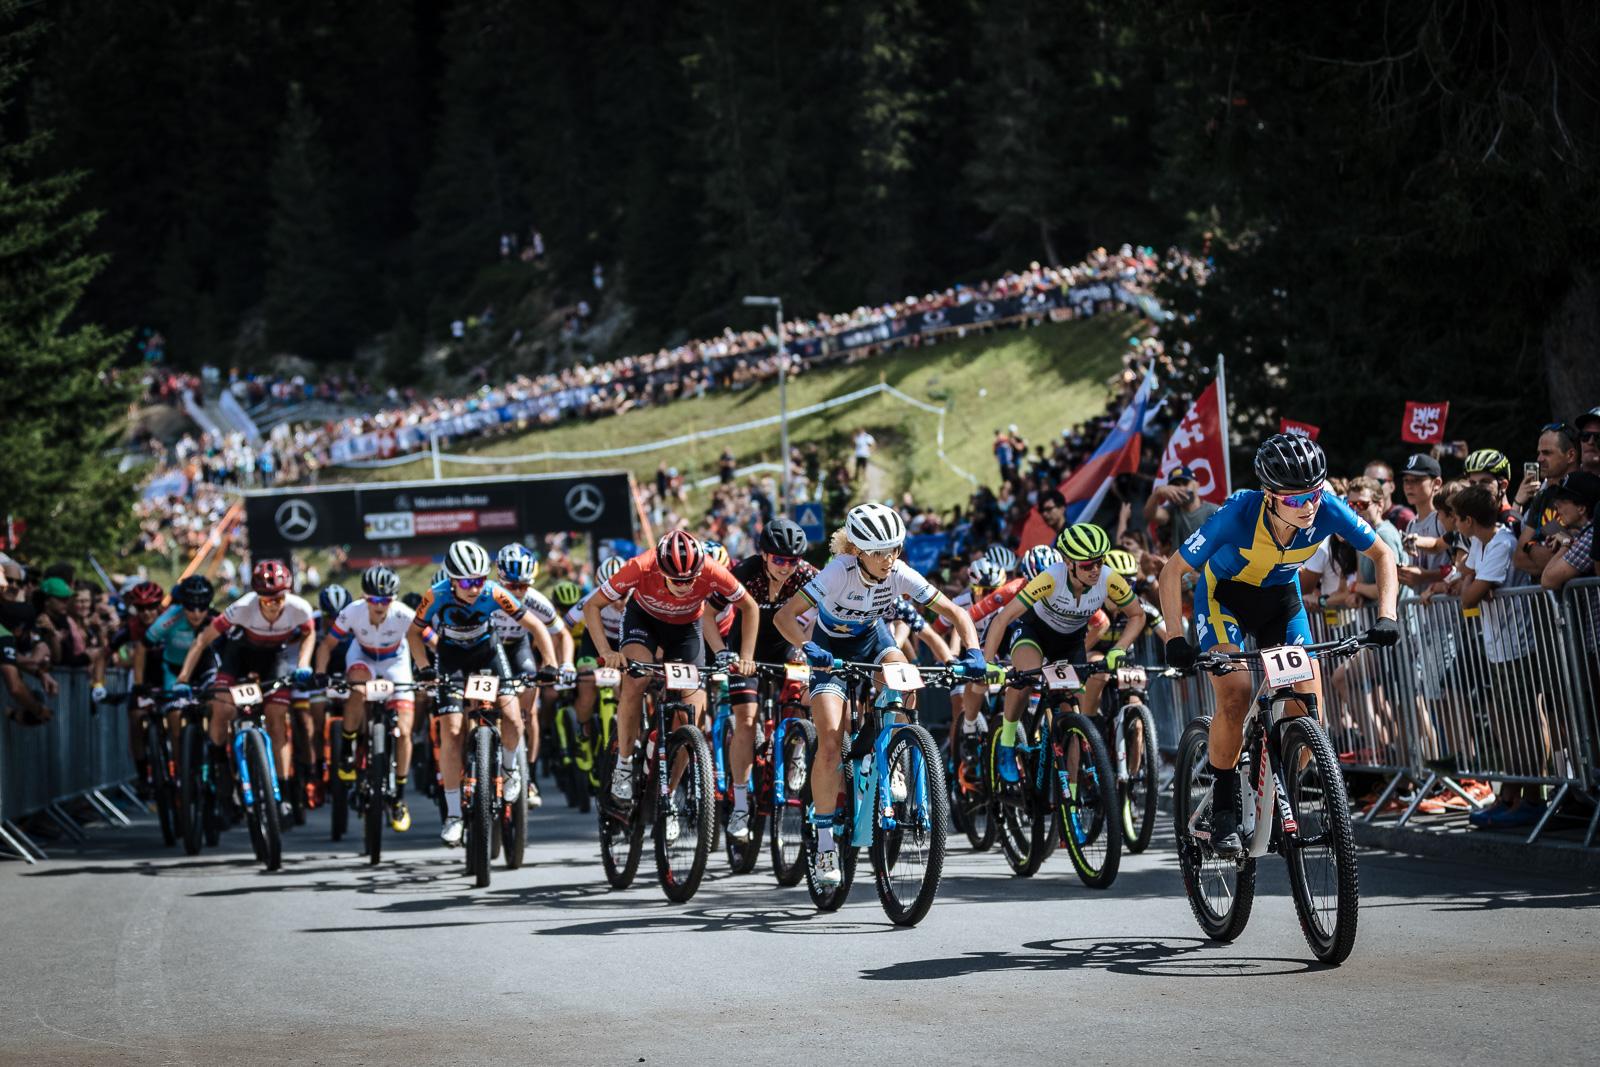 Erste Entscheidungen bereits beim Weltcup in Lenzerheide möglich: Historische Leistung bei den Bike Kingdom Games?